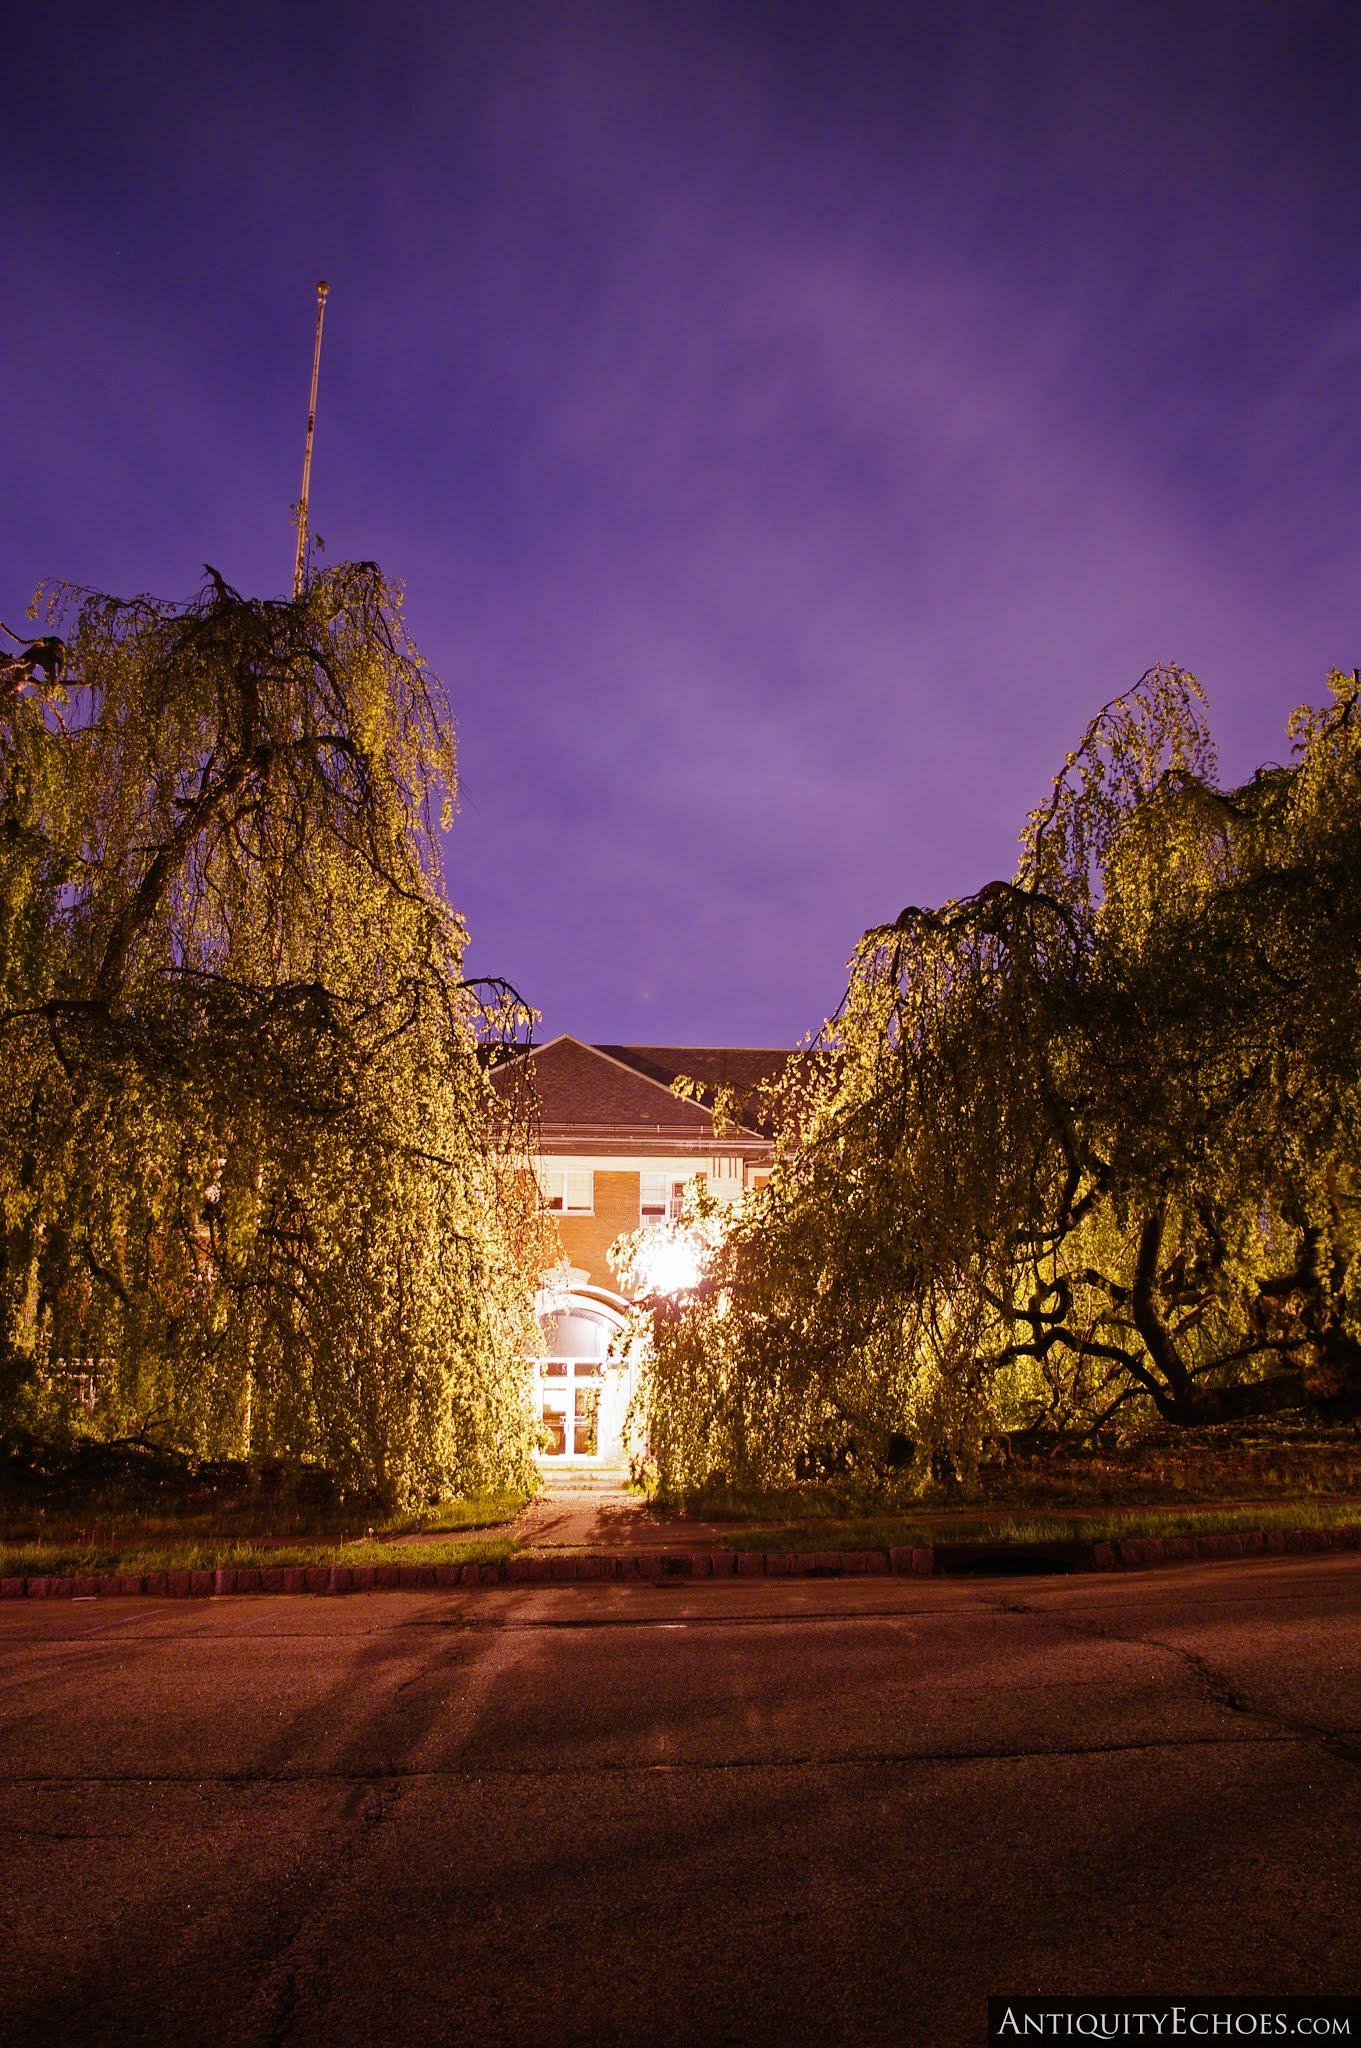 Overbrook Asylum - Willows and Streetlamps